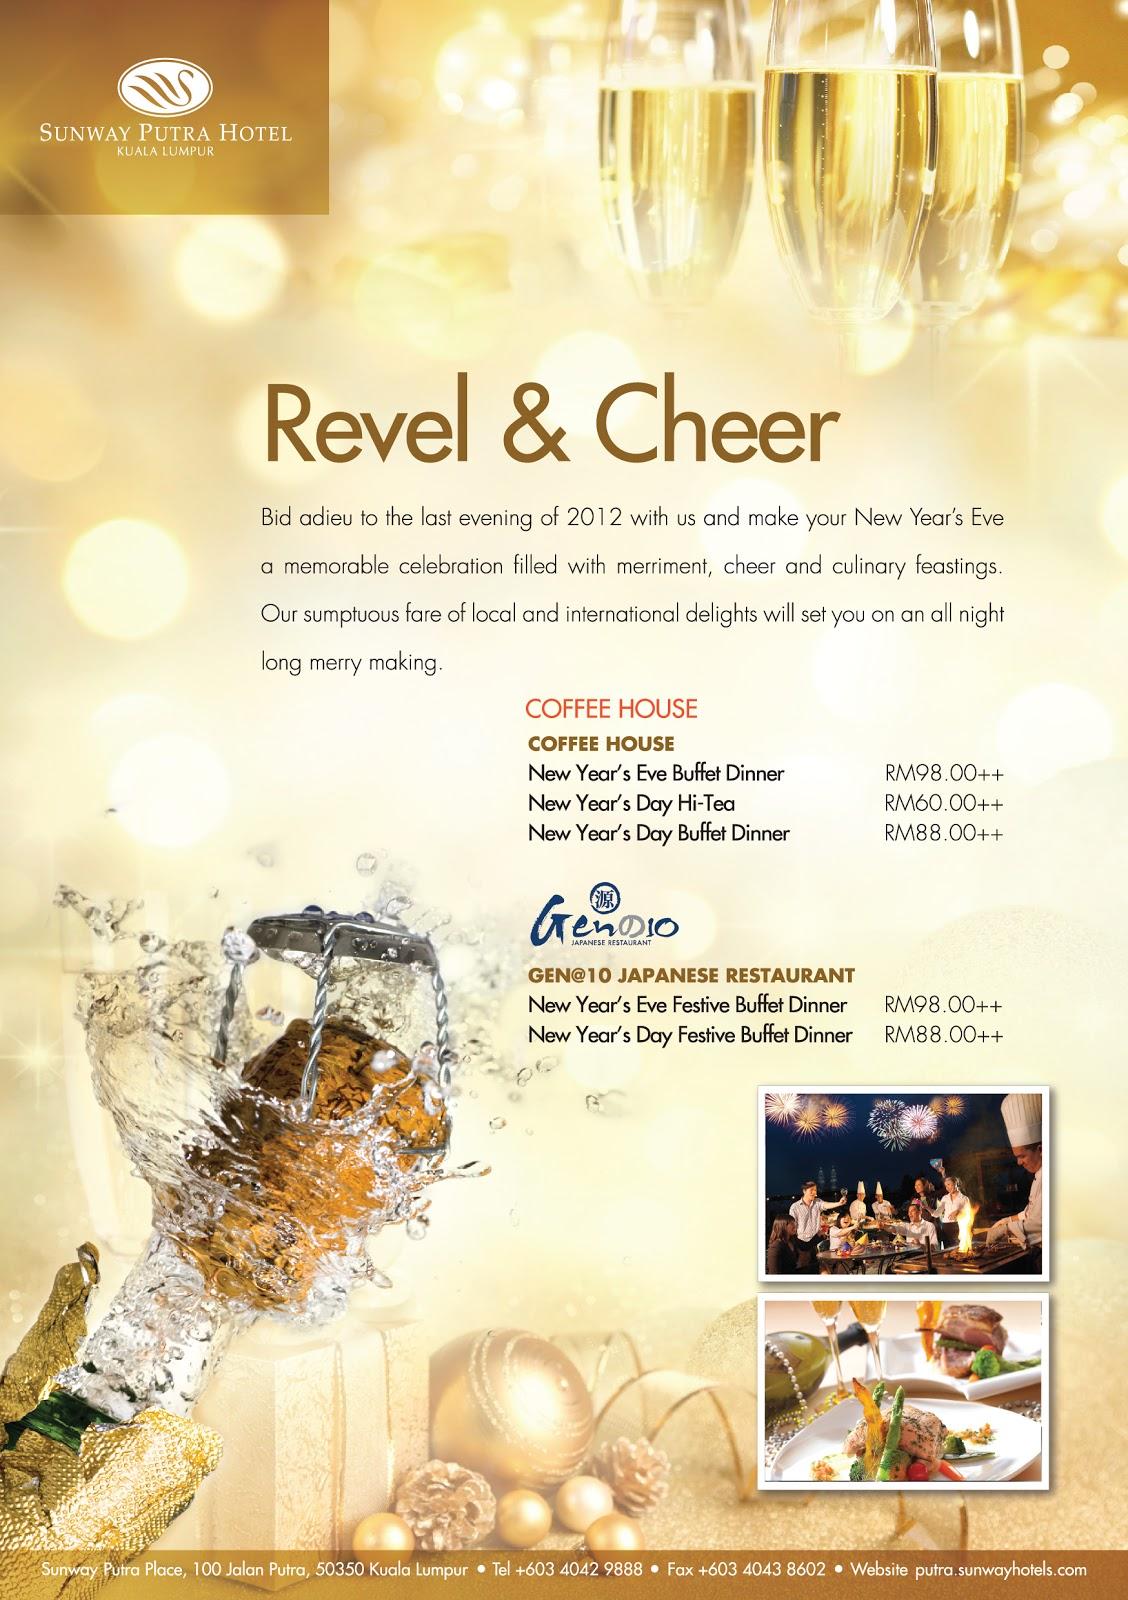 Sunway Putra Hotel Kuala Lumpur: Revel & Cheer for New Year Eve ...